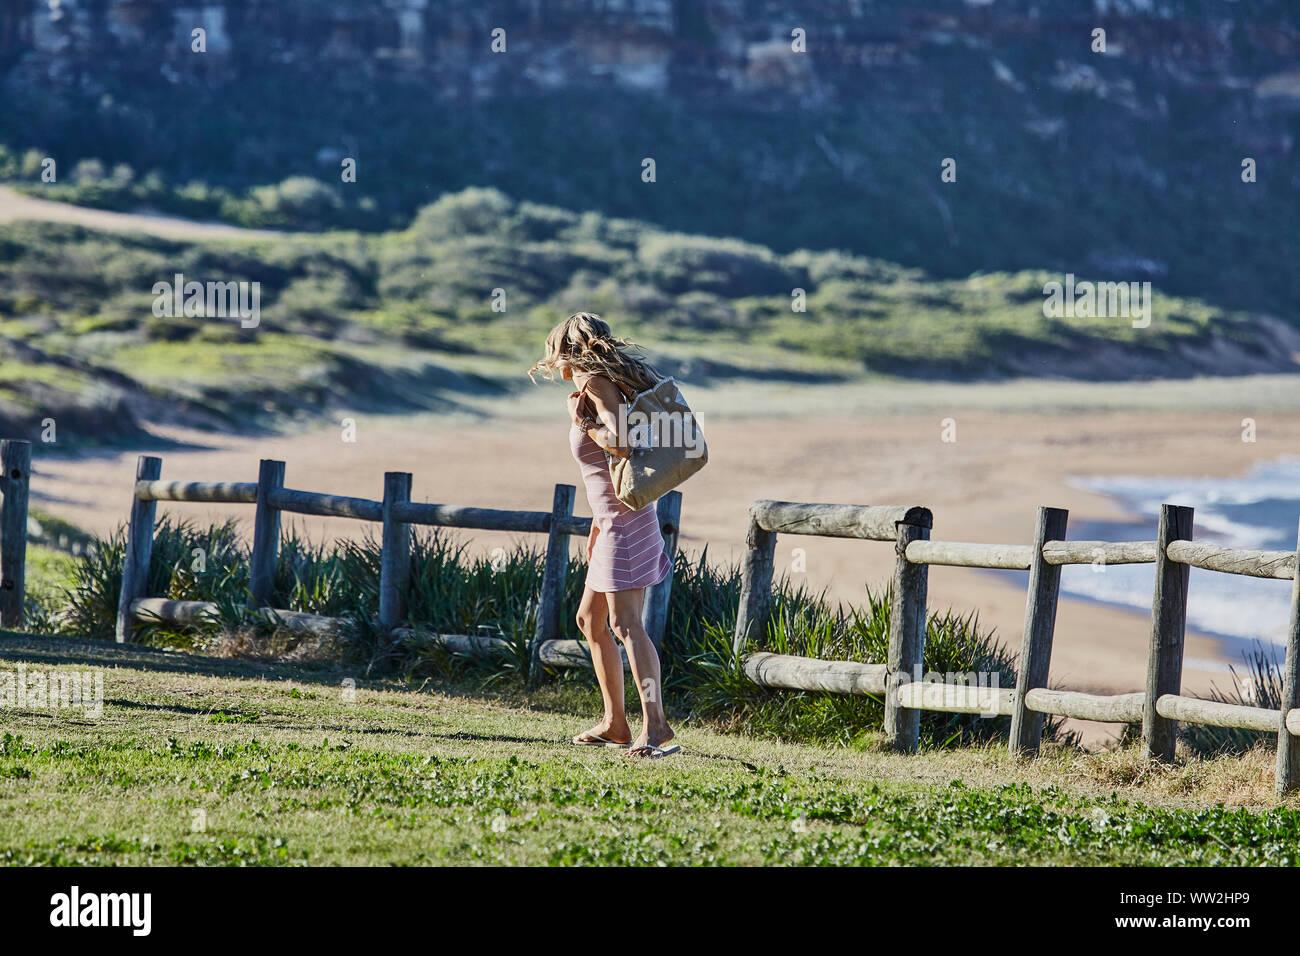 Attori Jake Ryan e Sam Frost preparare al film una scena esterna di Home &  Away serie tv a Palm Beach, Australia Foto stock - Alamy